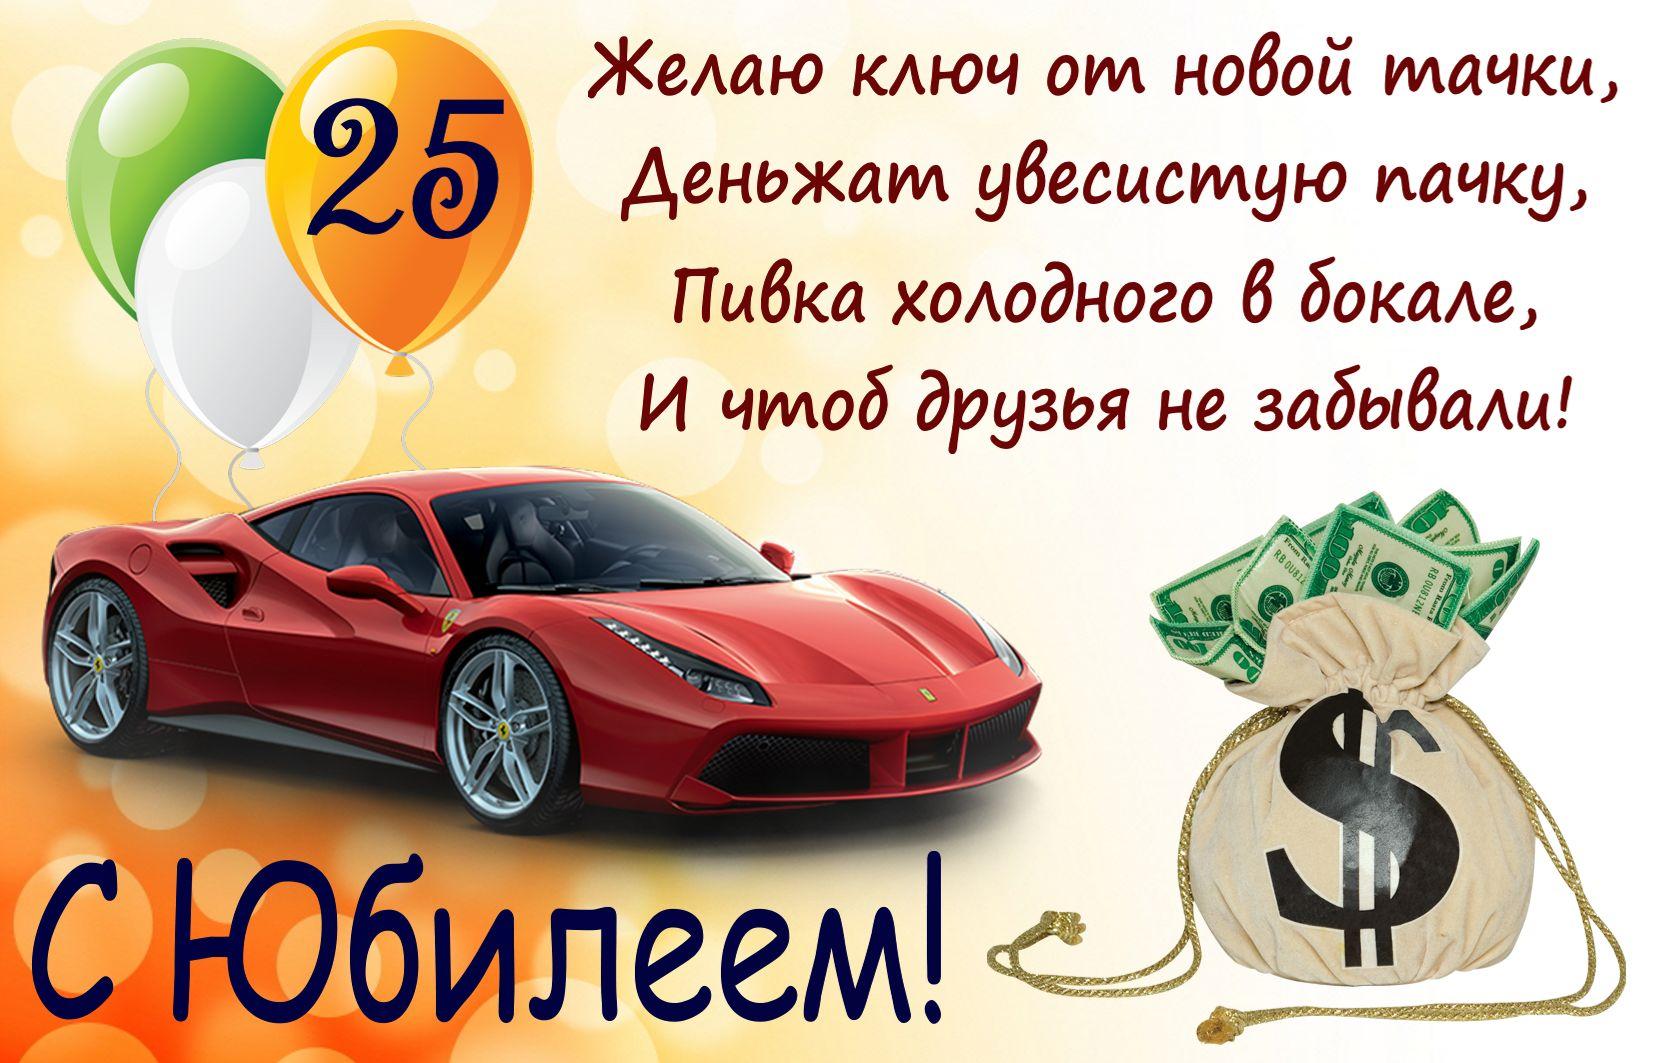 Открытка на юбилей 25 лет - мешок долларов и красная Ламборджини